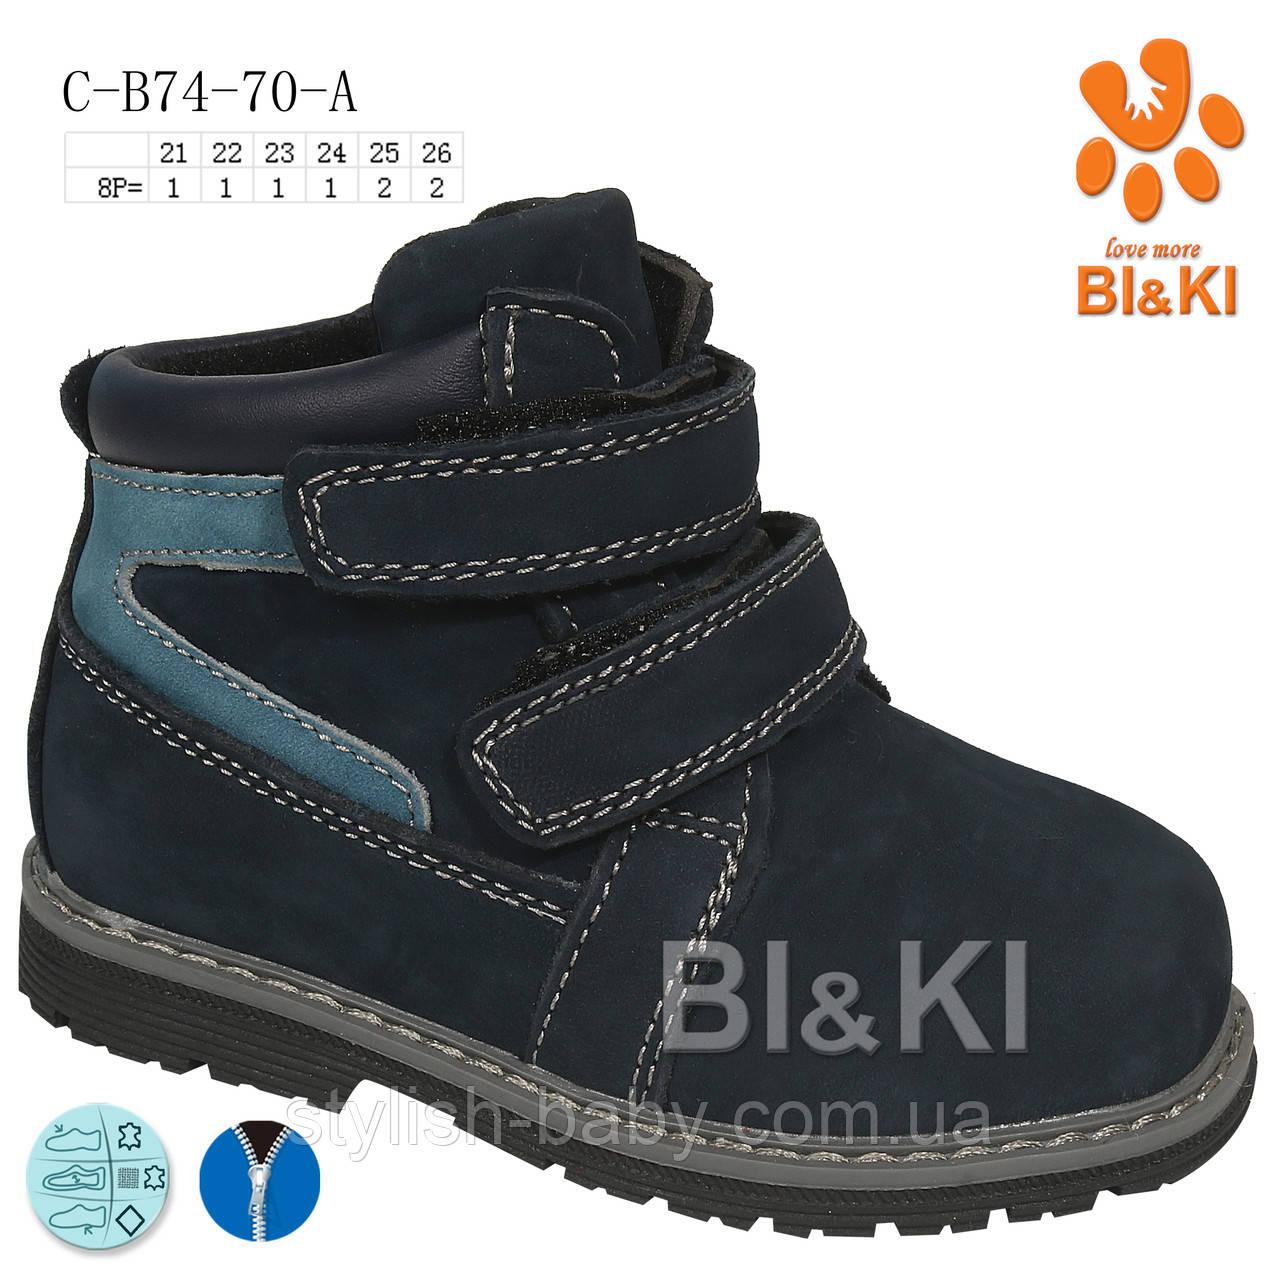 Дитяче взуття 2020 оптом. Дитячий демісезонний взуття бренду Tom.m - Bi&Ki для хлопчиків (рр. з 21 по 26)